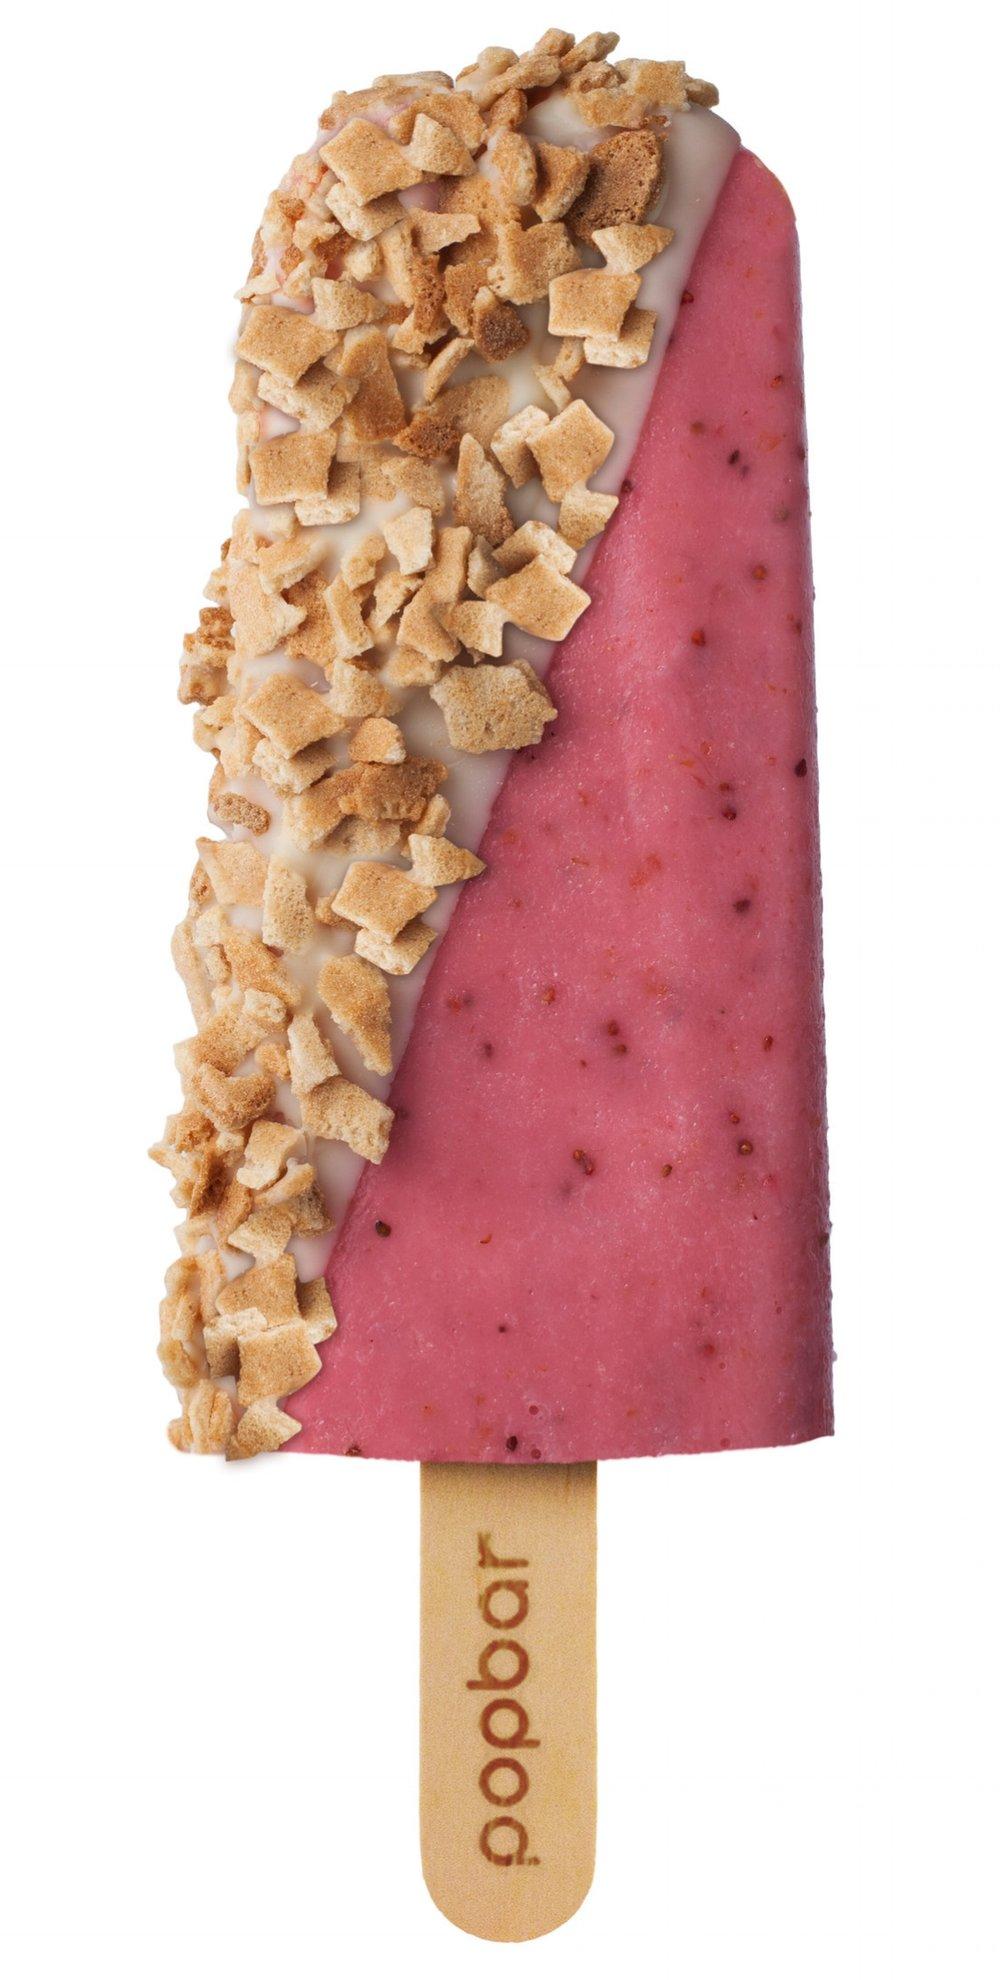 yogurt berry crunch.jpg